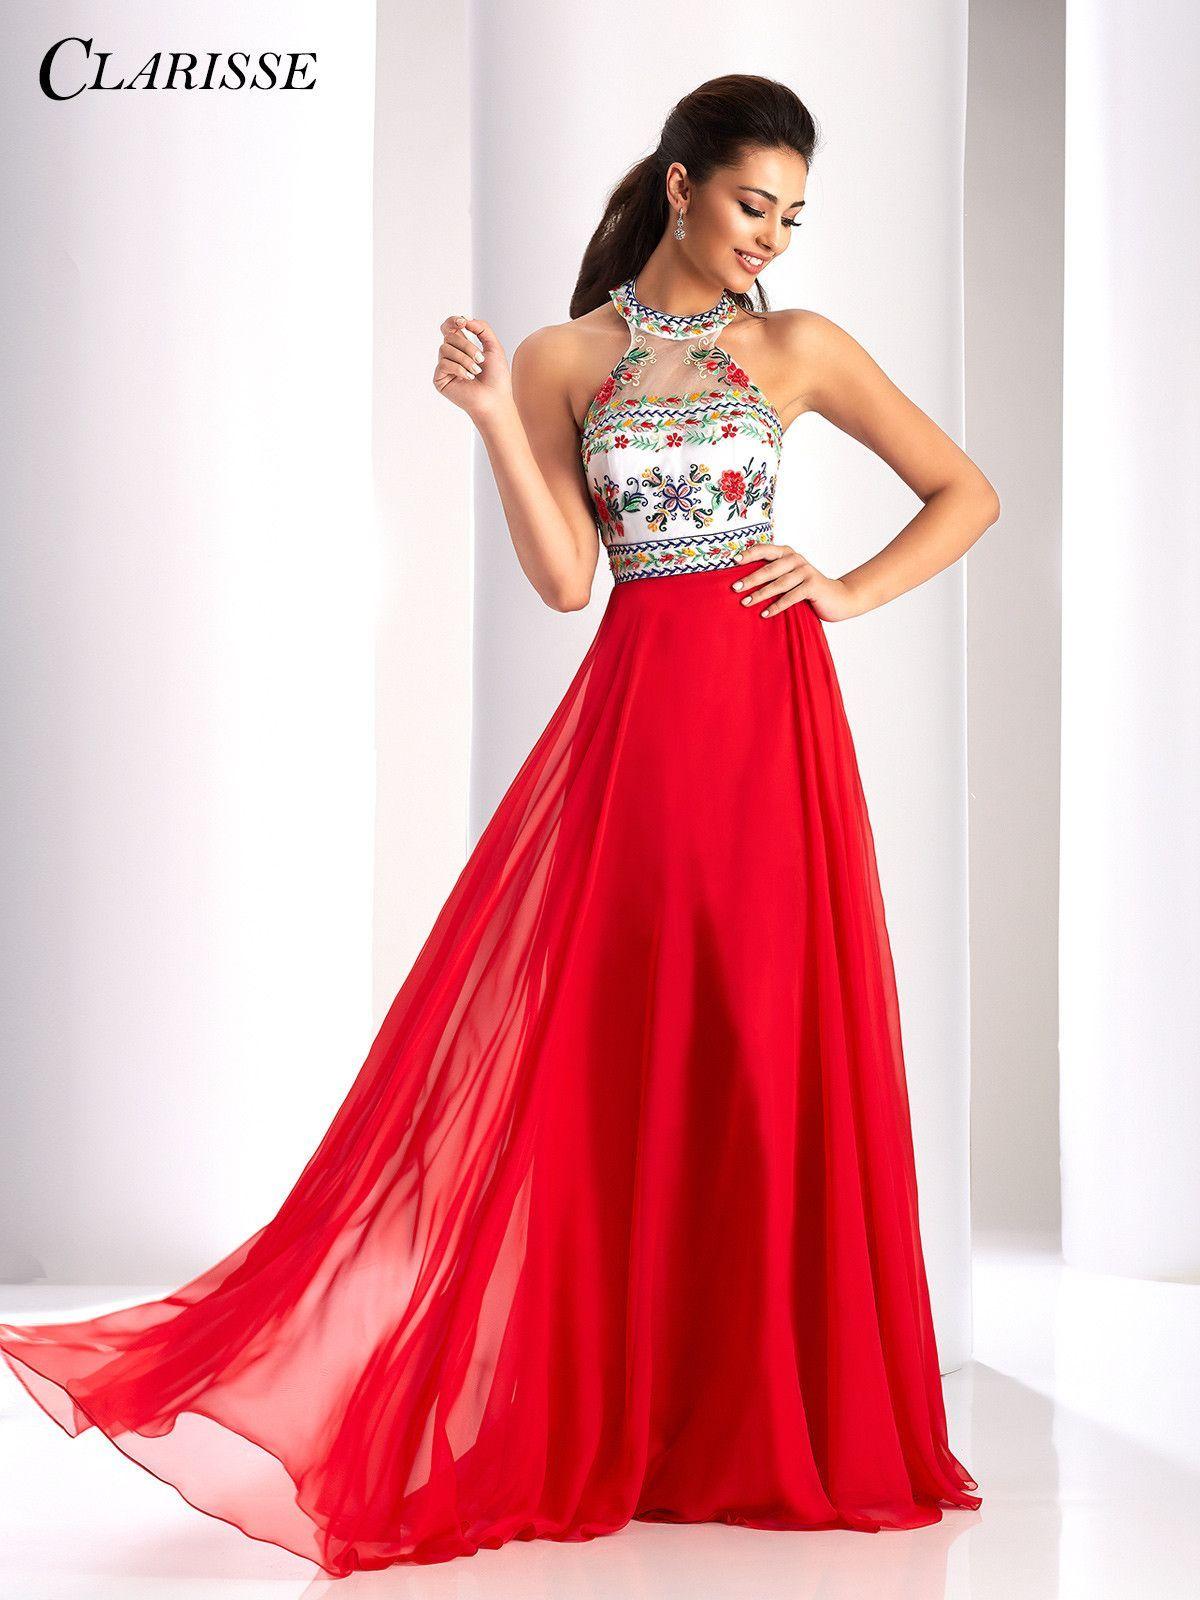 Clarisse prom redmulti halter prom dress prom pinterest